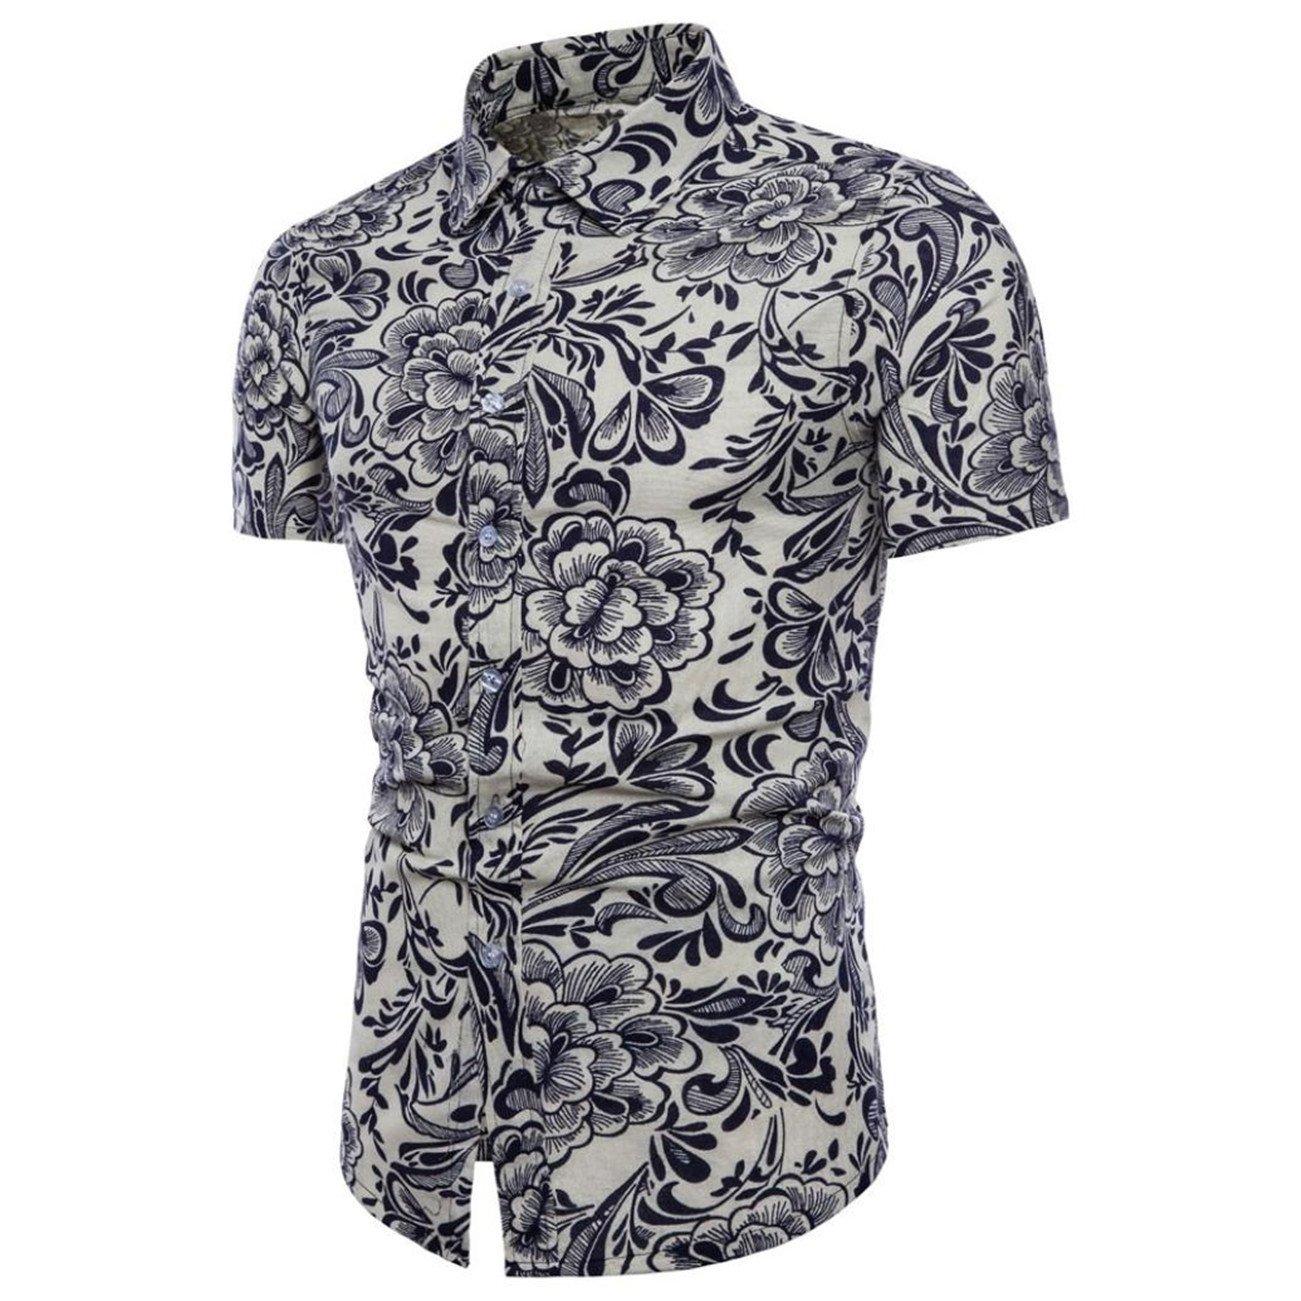 Chemises Homme Chemises Hawaiennes Homme Hommes Été Bohe Floral Manches Courtes Lin T-Shirt Basique Blouse Grande Taille